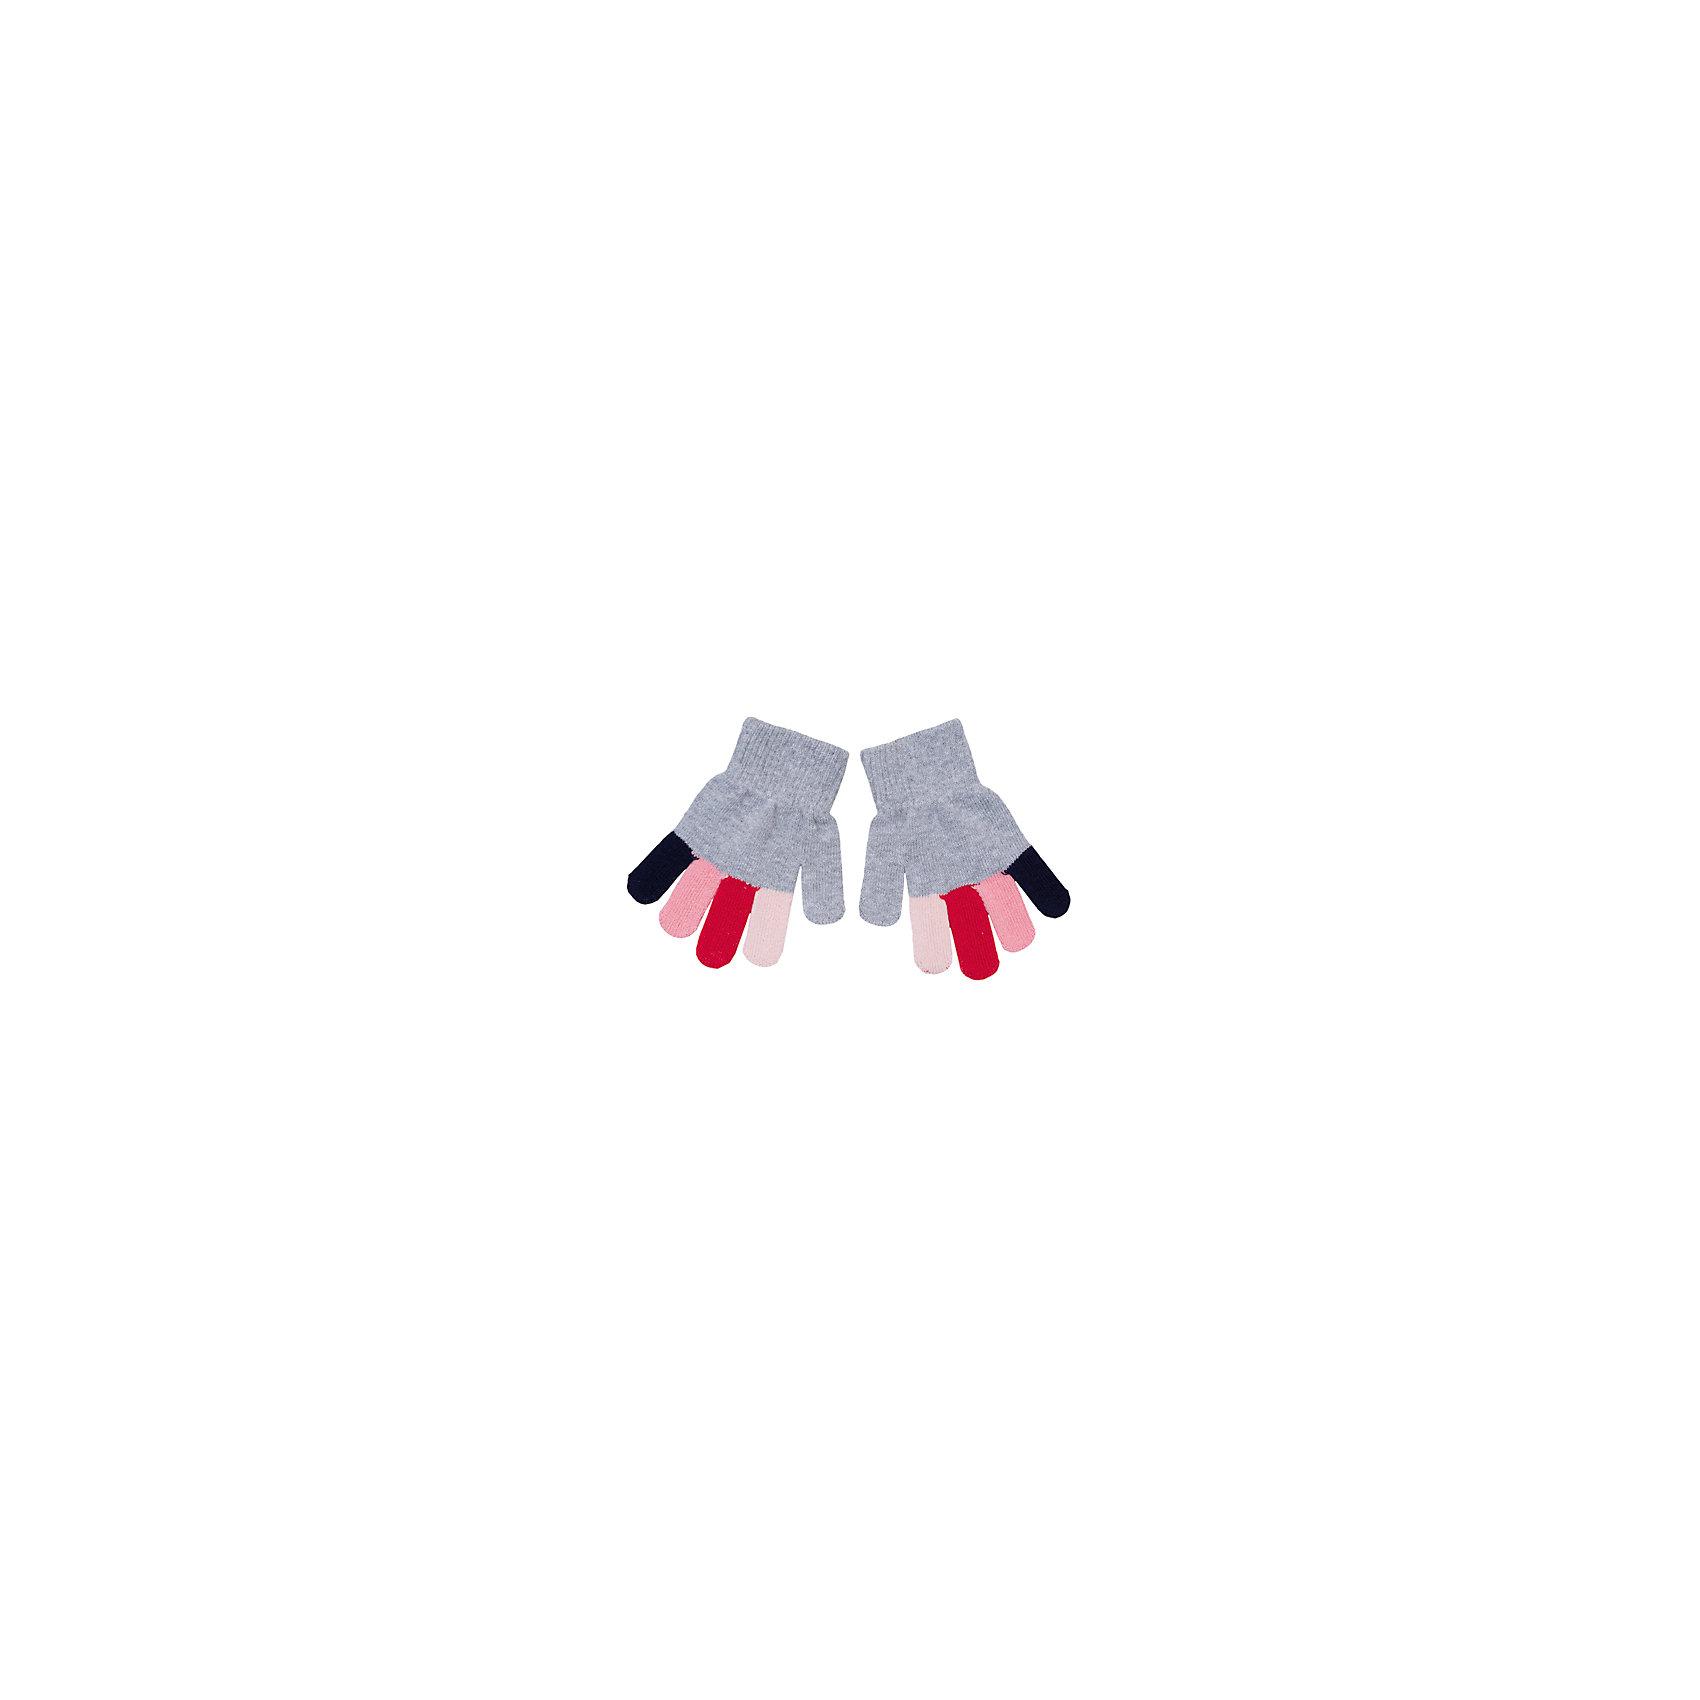 Перчатки для девочки PlayTodayПерчатки для девочки от известного бренда PlayToday.<br>Мягкие перчатки из вязаного трикотажа. Все пальчики разных цветов, выглядит мило и забавно. Верх на широкой резинке.<br>Состав:<br>80% хлопок, 18% нейлон, 2% эластан<br><br>Ширина мм: 162<br>Глубина мм: 171<br>Высота мм: 55<br>Вес г: 119<br>Цвет: разноцветный<br>Возраст от месяцев: 72<br>Возраст до месяцев: 96<br>Пол: Женский<br>Возраст: Детский<br>Размер: 15,13,14<br>SKU: 4897312